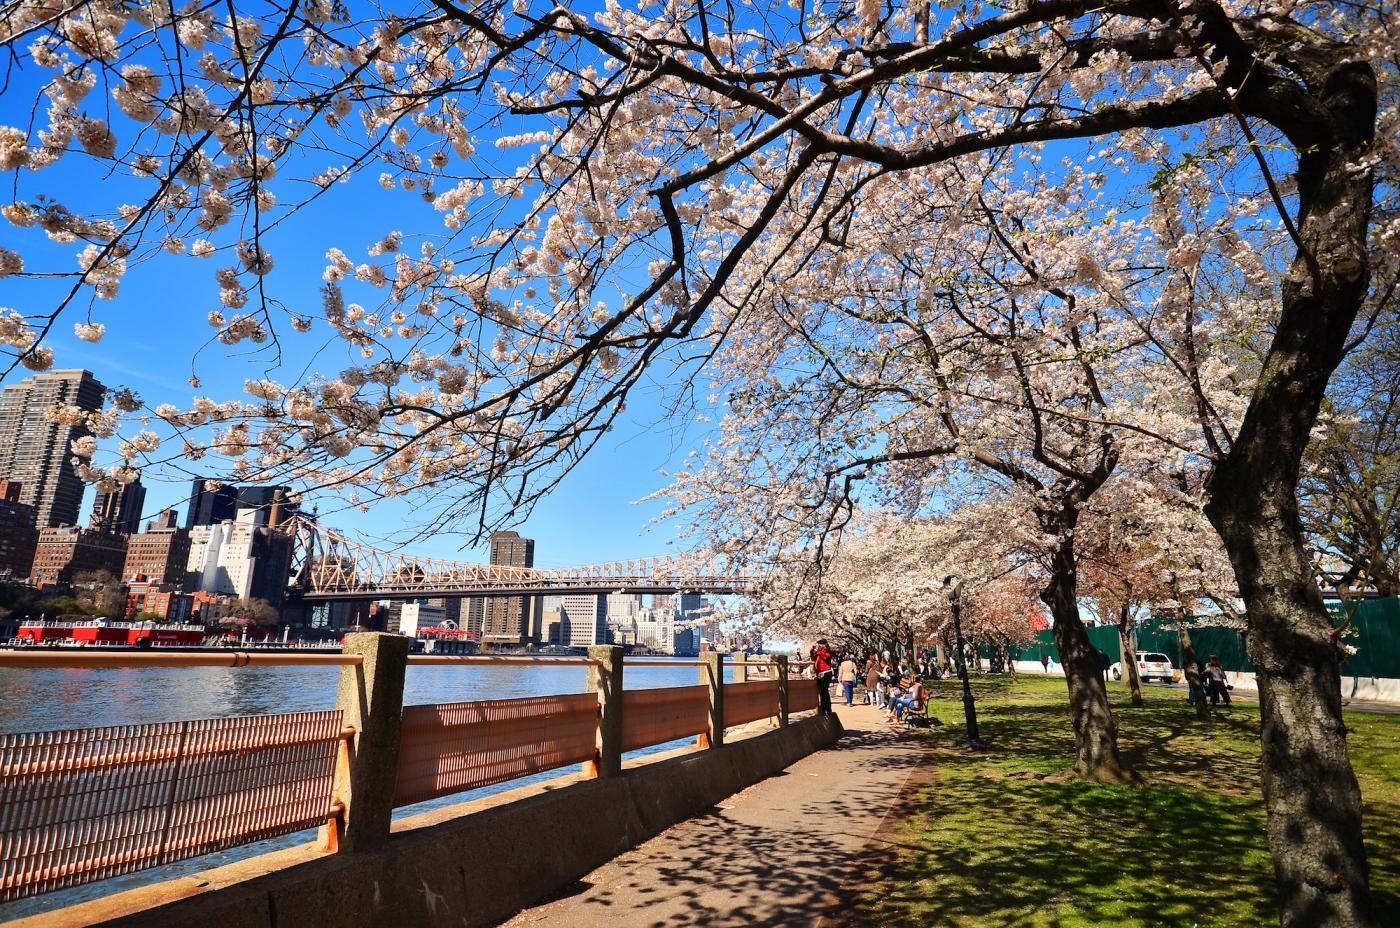 春光甚好 罗岛樱花已然盛放_图1-1